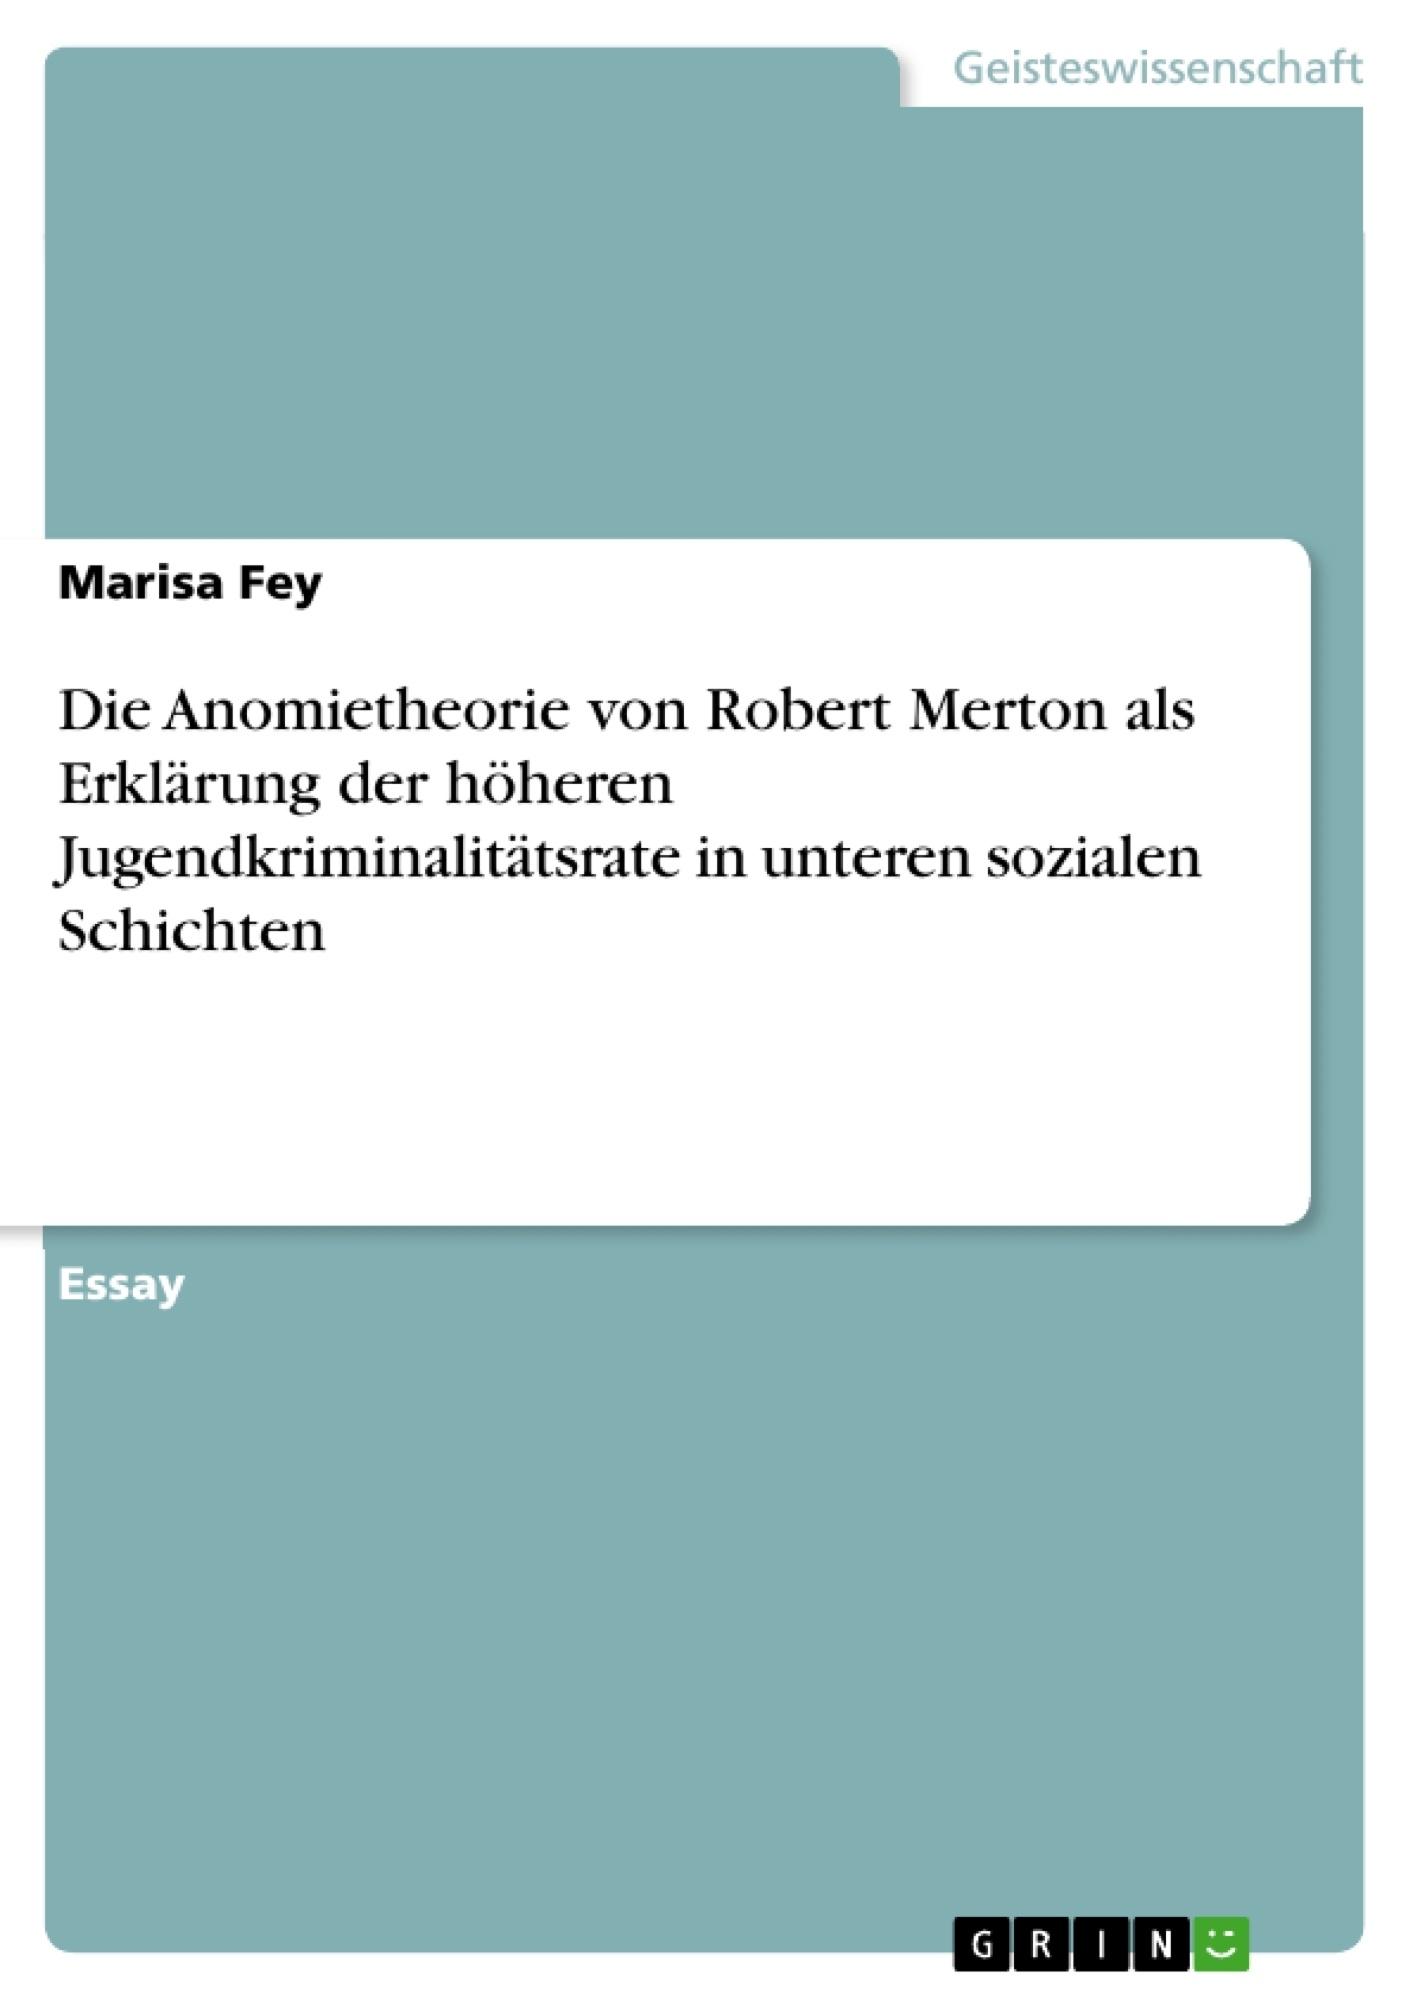 Titel: Die Anomietheorie von Robert Merton als Erklärung der höheren Jugendkriminalitätsrate in unteren sozialen Schichten